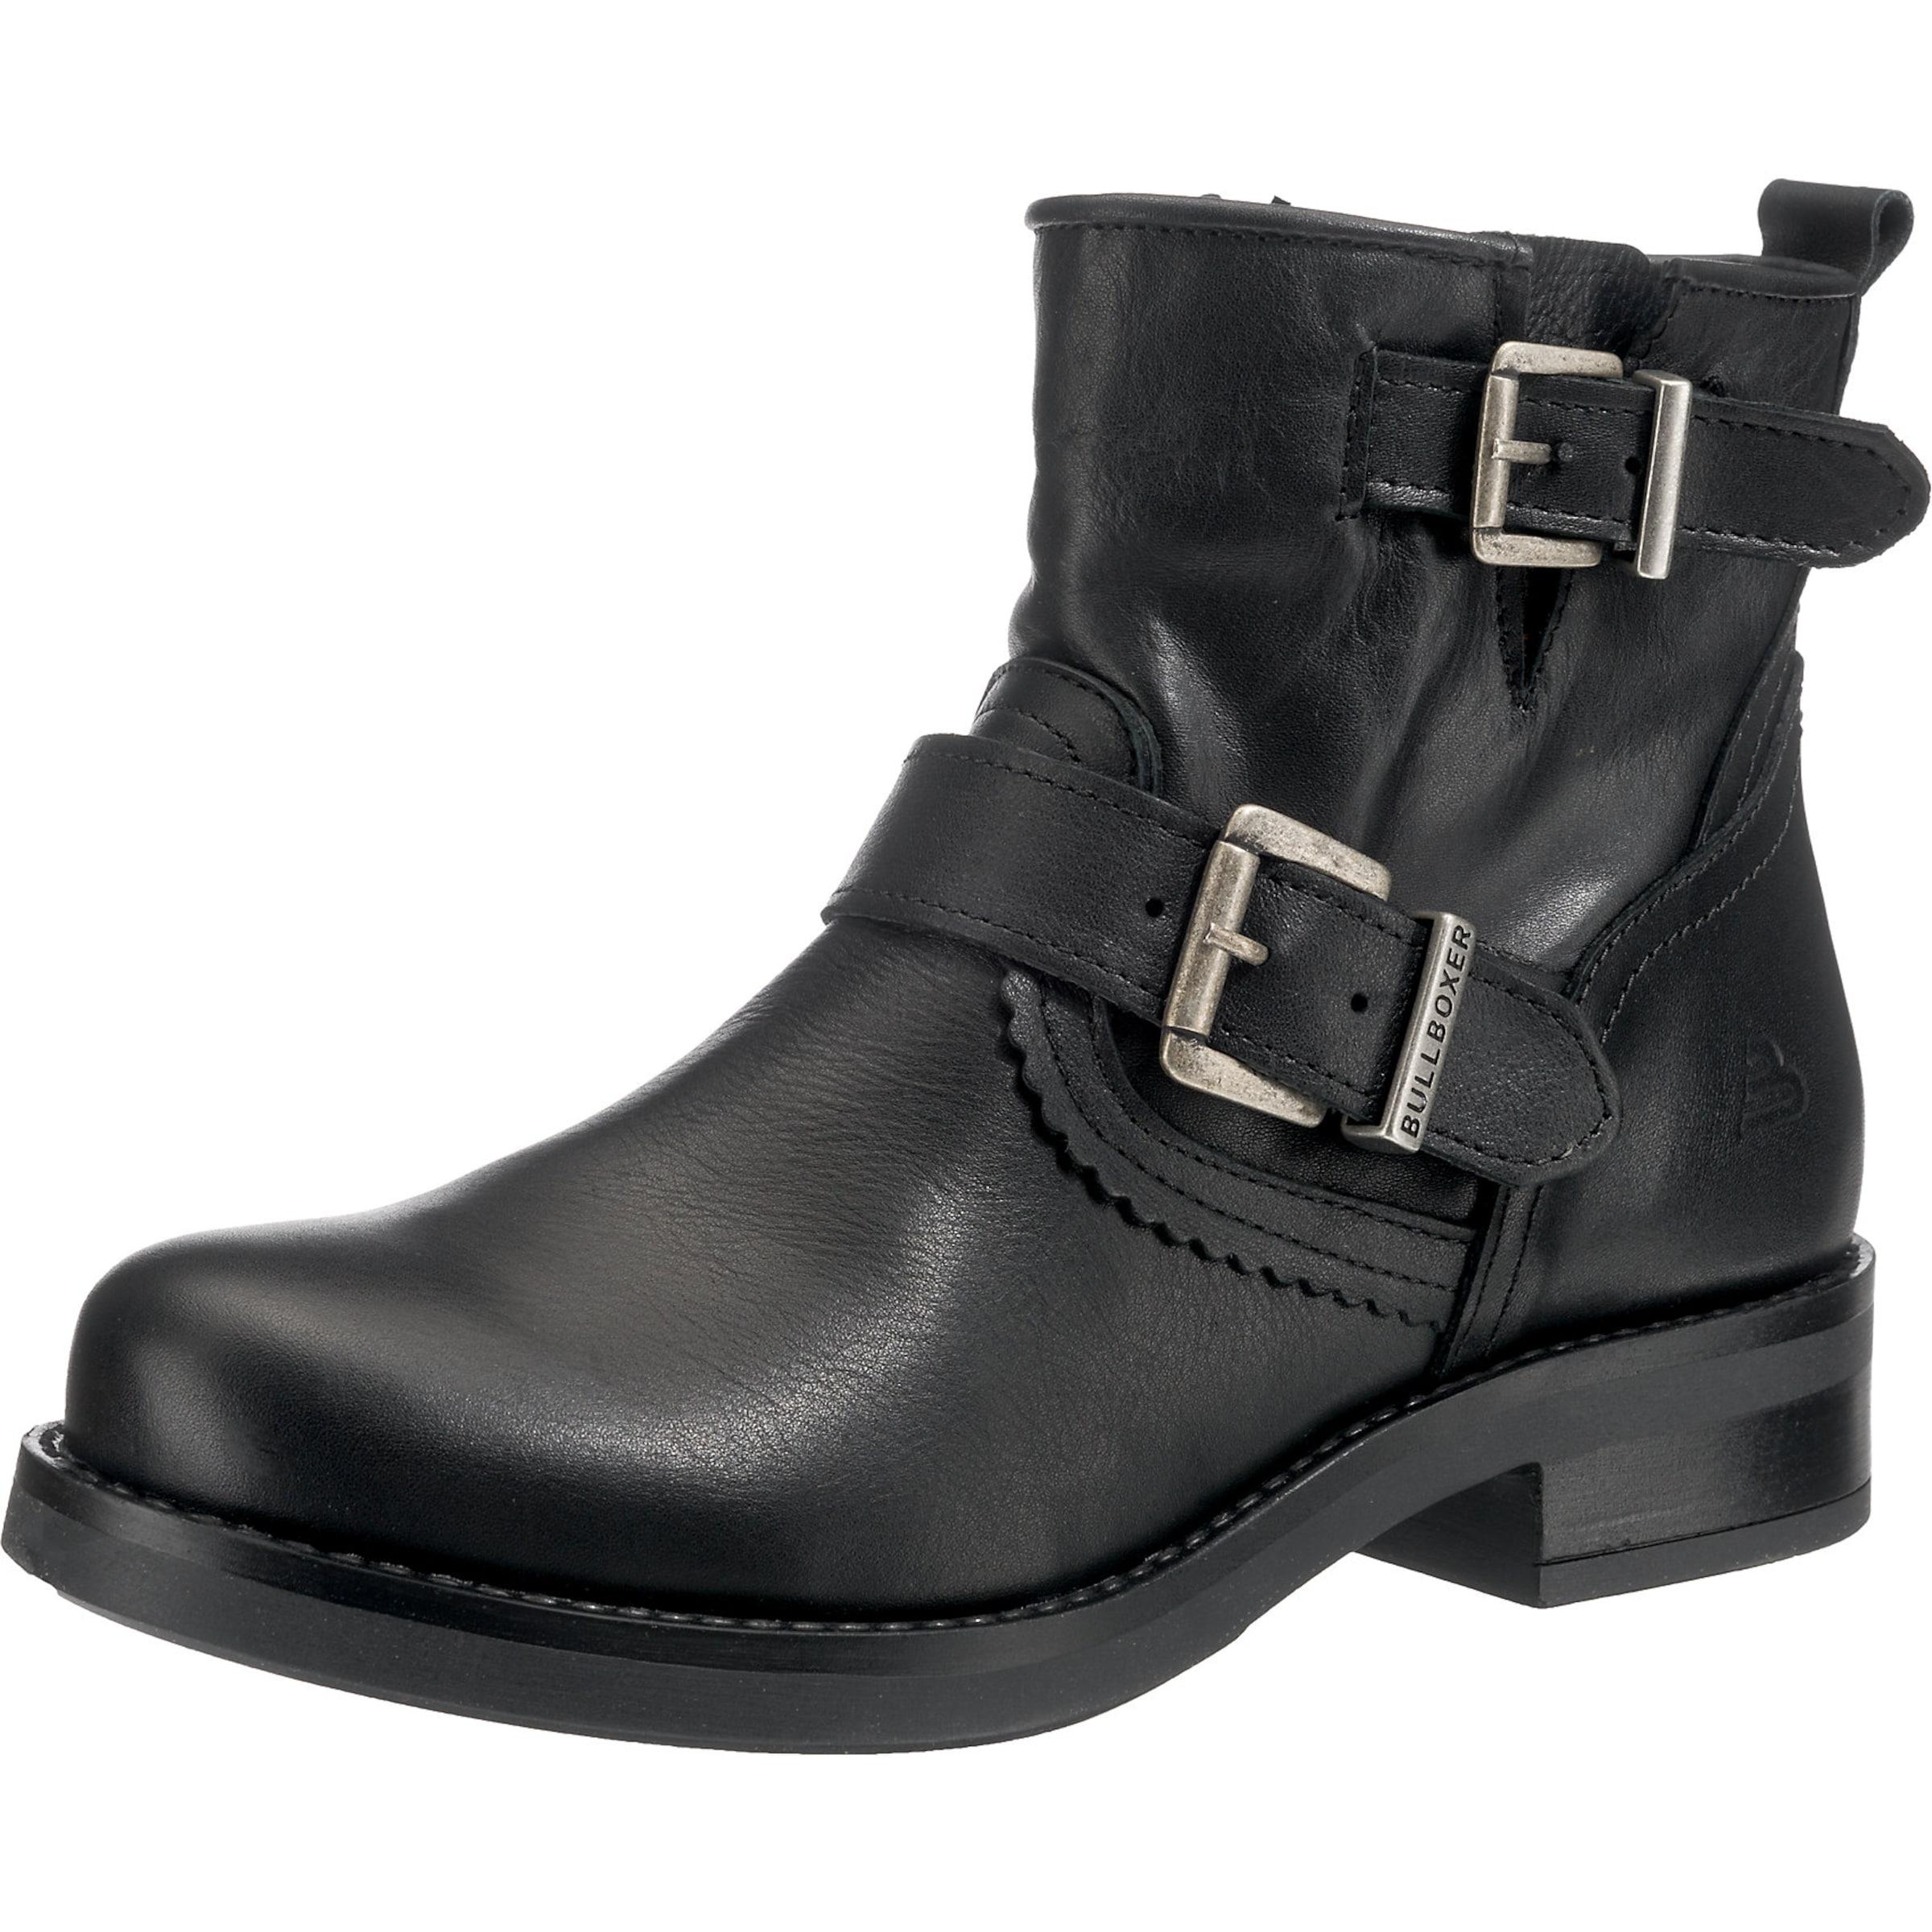 Steckdose Mit Paypal Um BULLBOXER Ankle Boots Online-Shopping Online-Verkauf Verkauf PSK4ZEC64